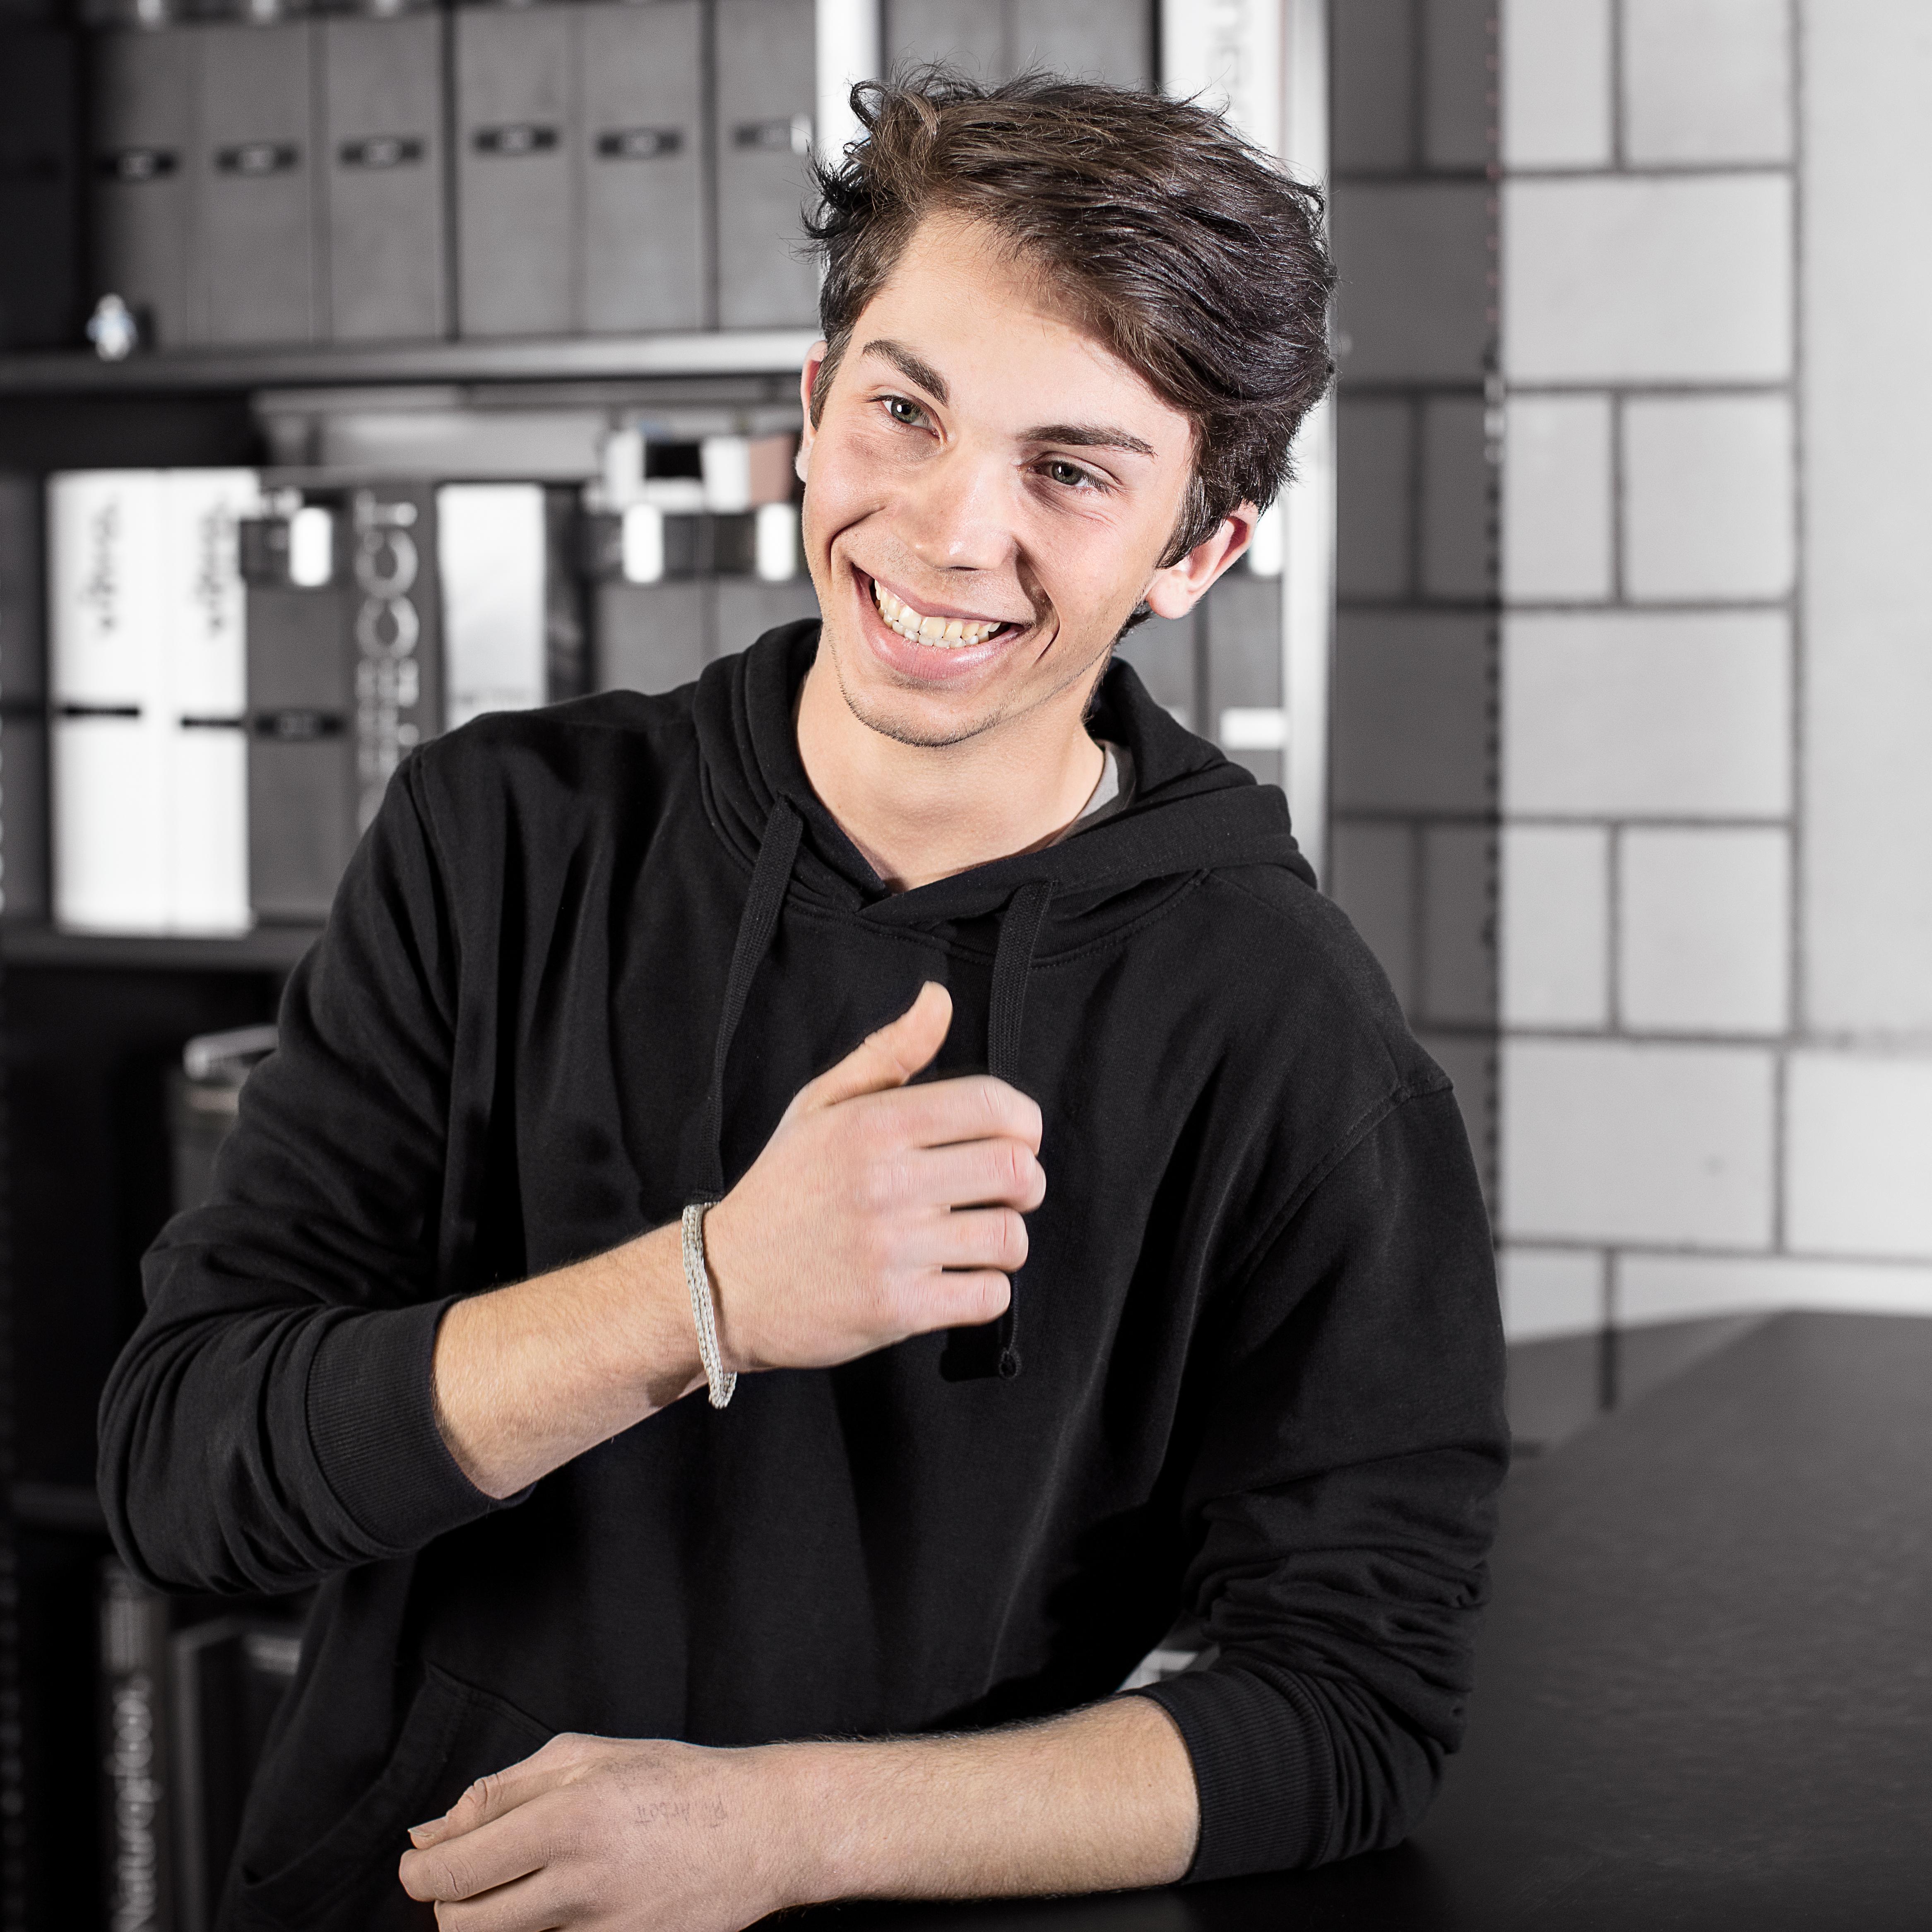 Nicolas Desarzens